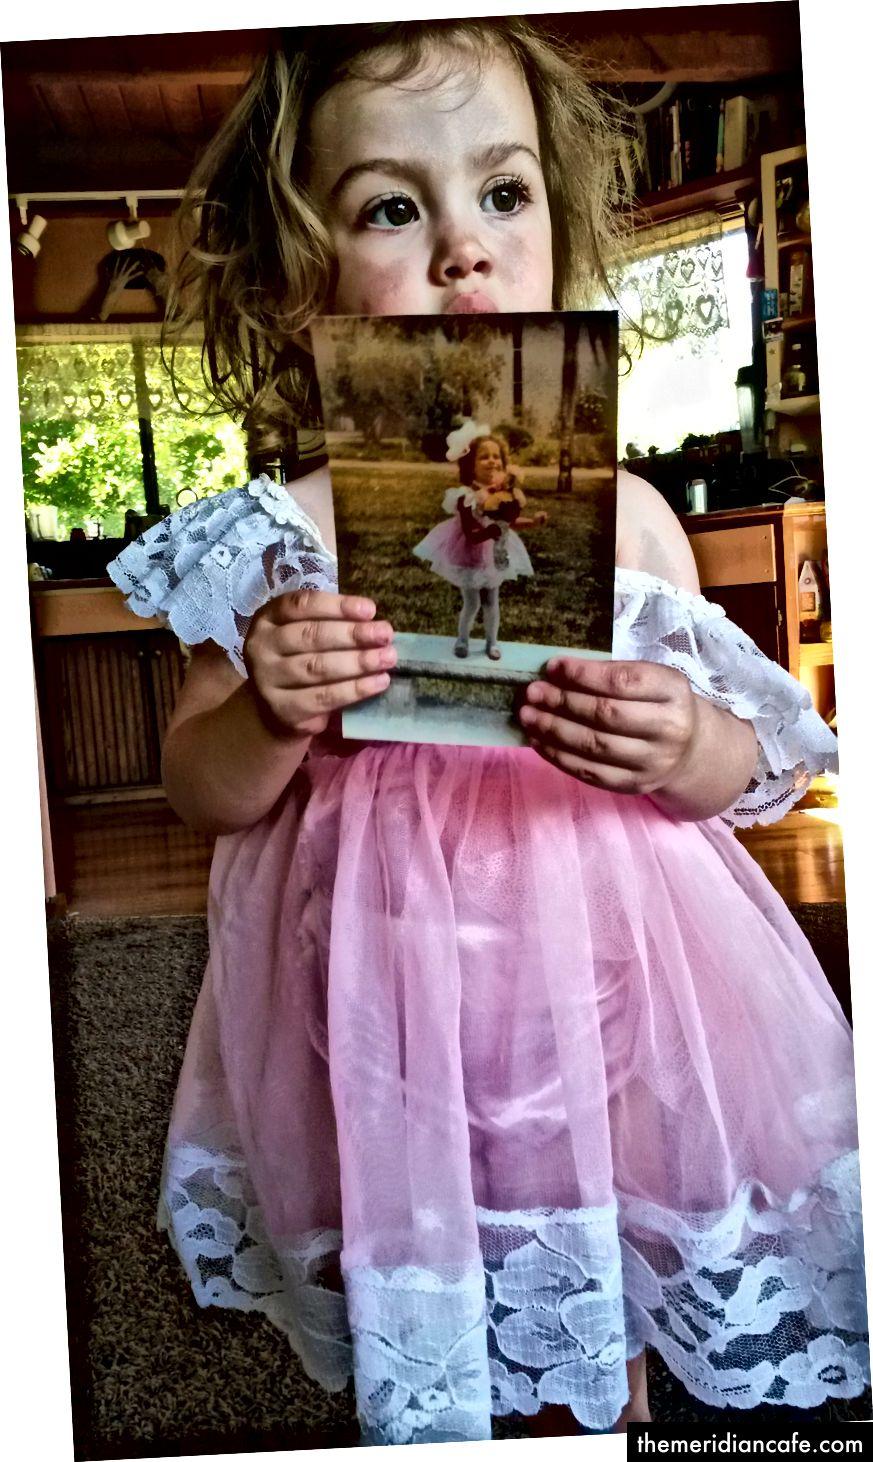 ابنتي ترتدي ثيابي القديم ، تحمل صورة لطفلي في الثالثة من عمرها في يوم الحيثية. (الصورة الائتمان: المؤلف)